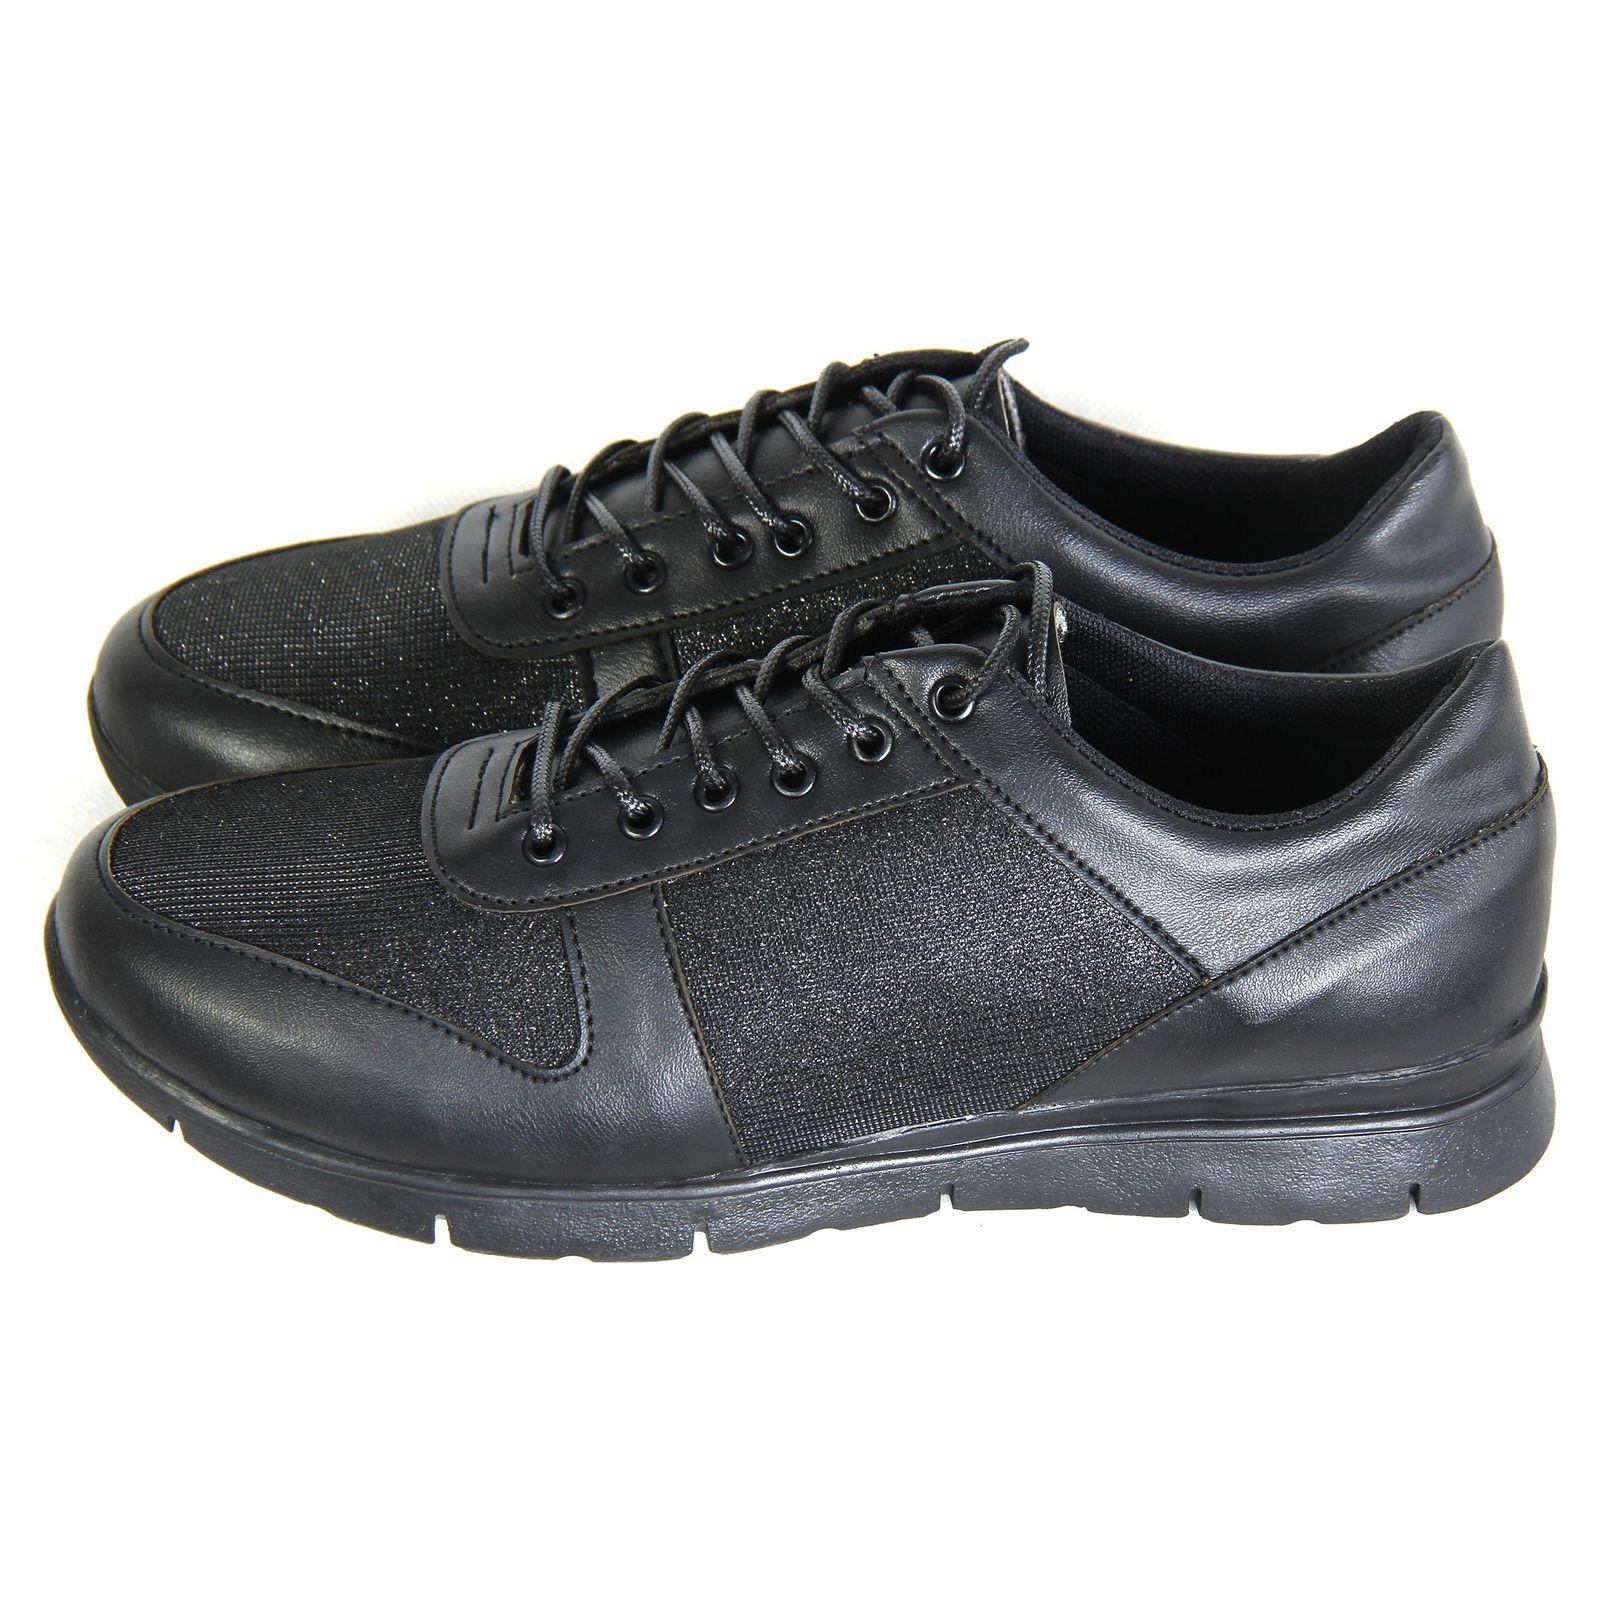 ست کیف و کفش زنانه کد 026  main 1 7